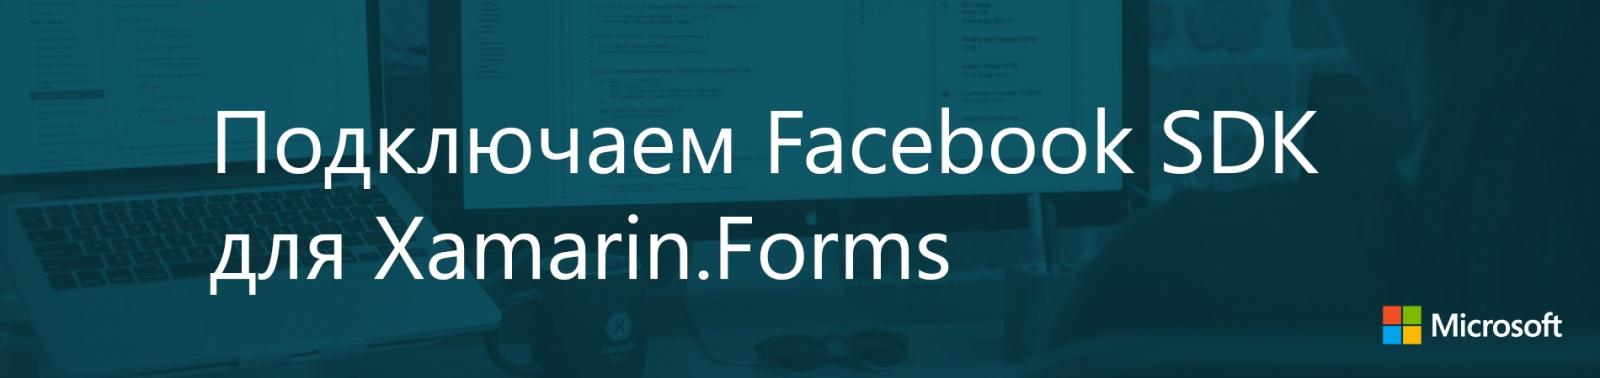 Подключаем Facebook SDK для Xamarin.Forms - 1